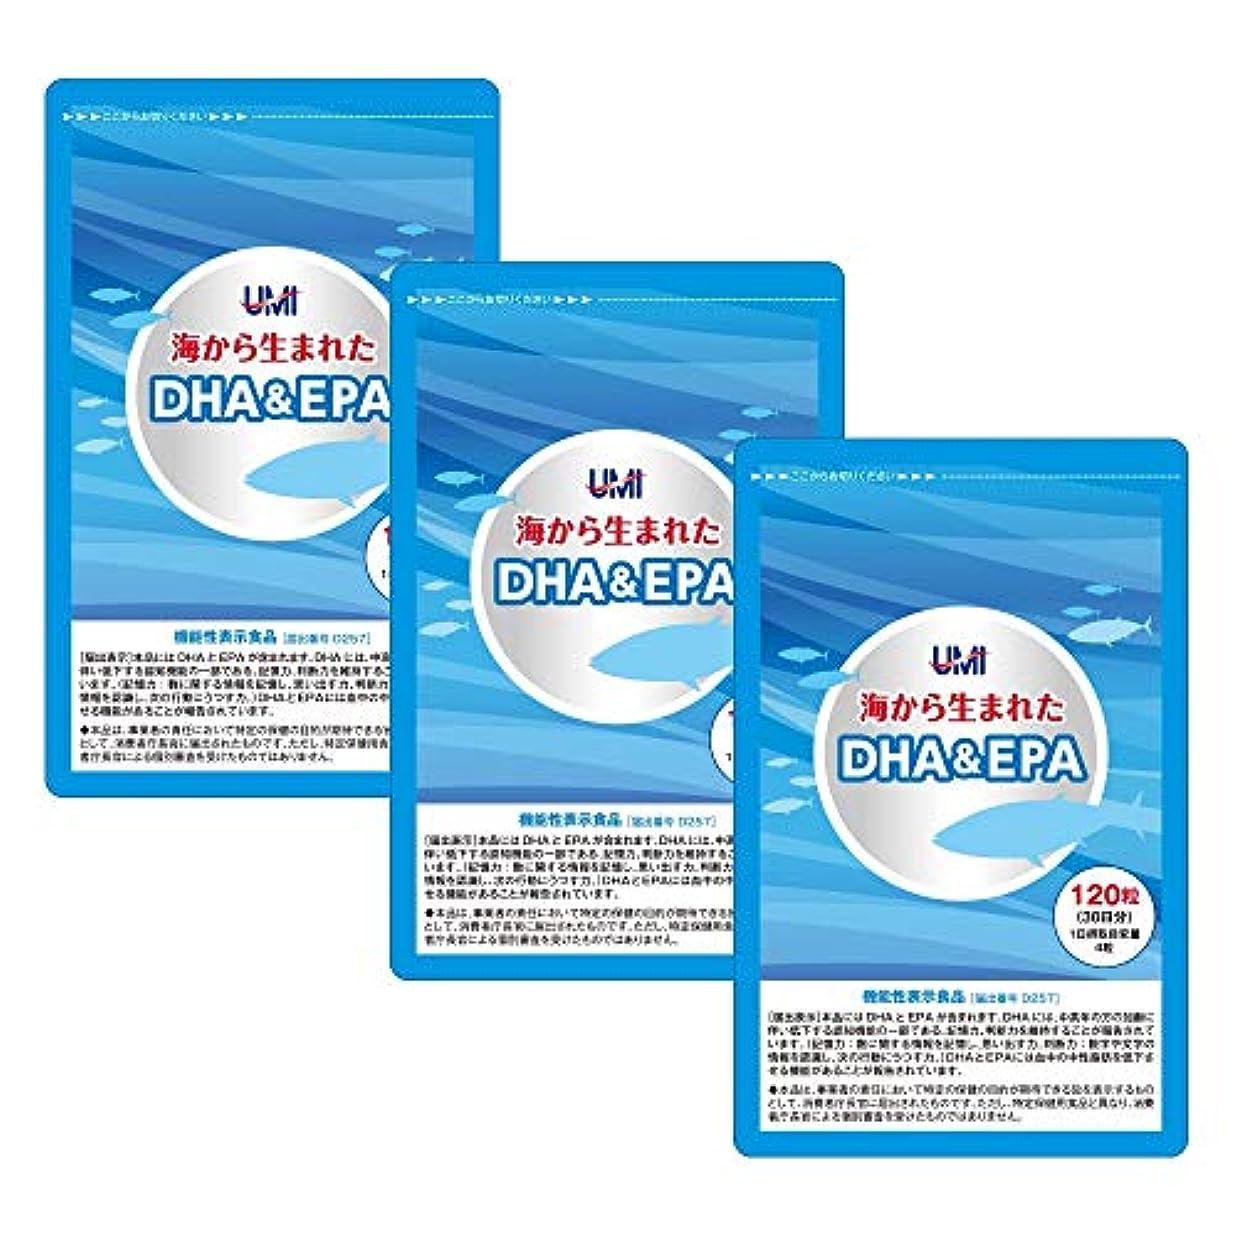 クック鷲ゆりかごDHA&EPA 3袋セット360粒(1袋120粒入り)